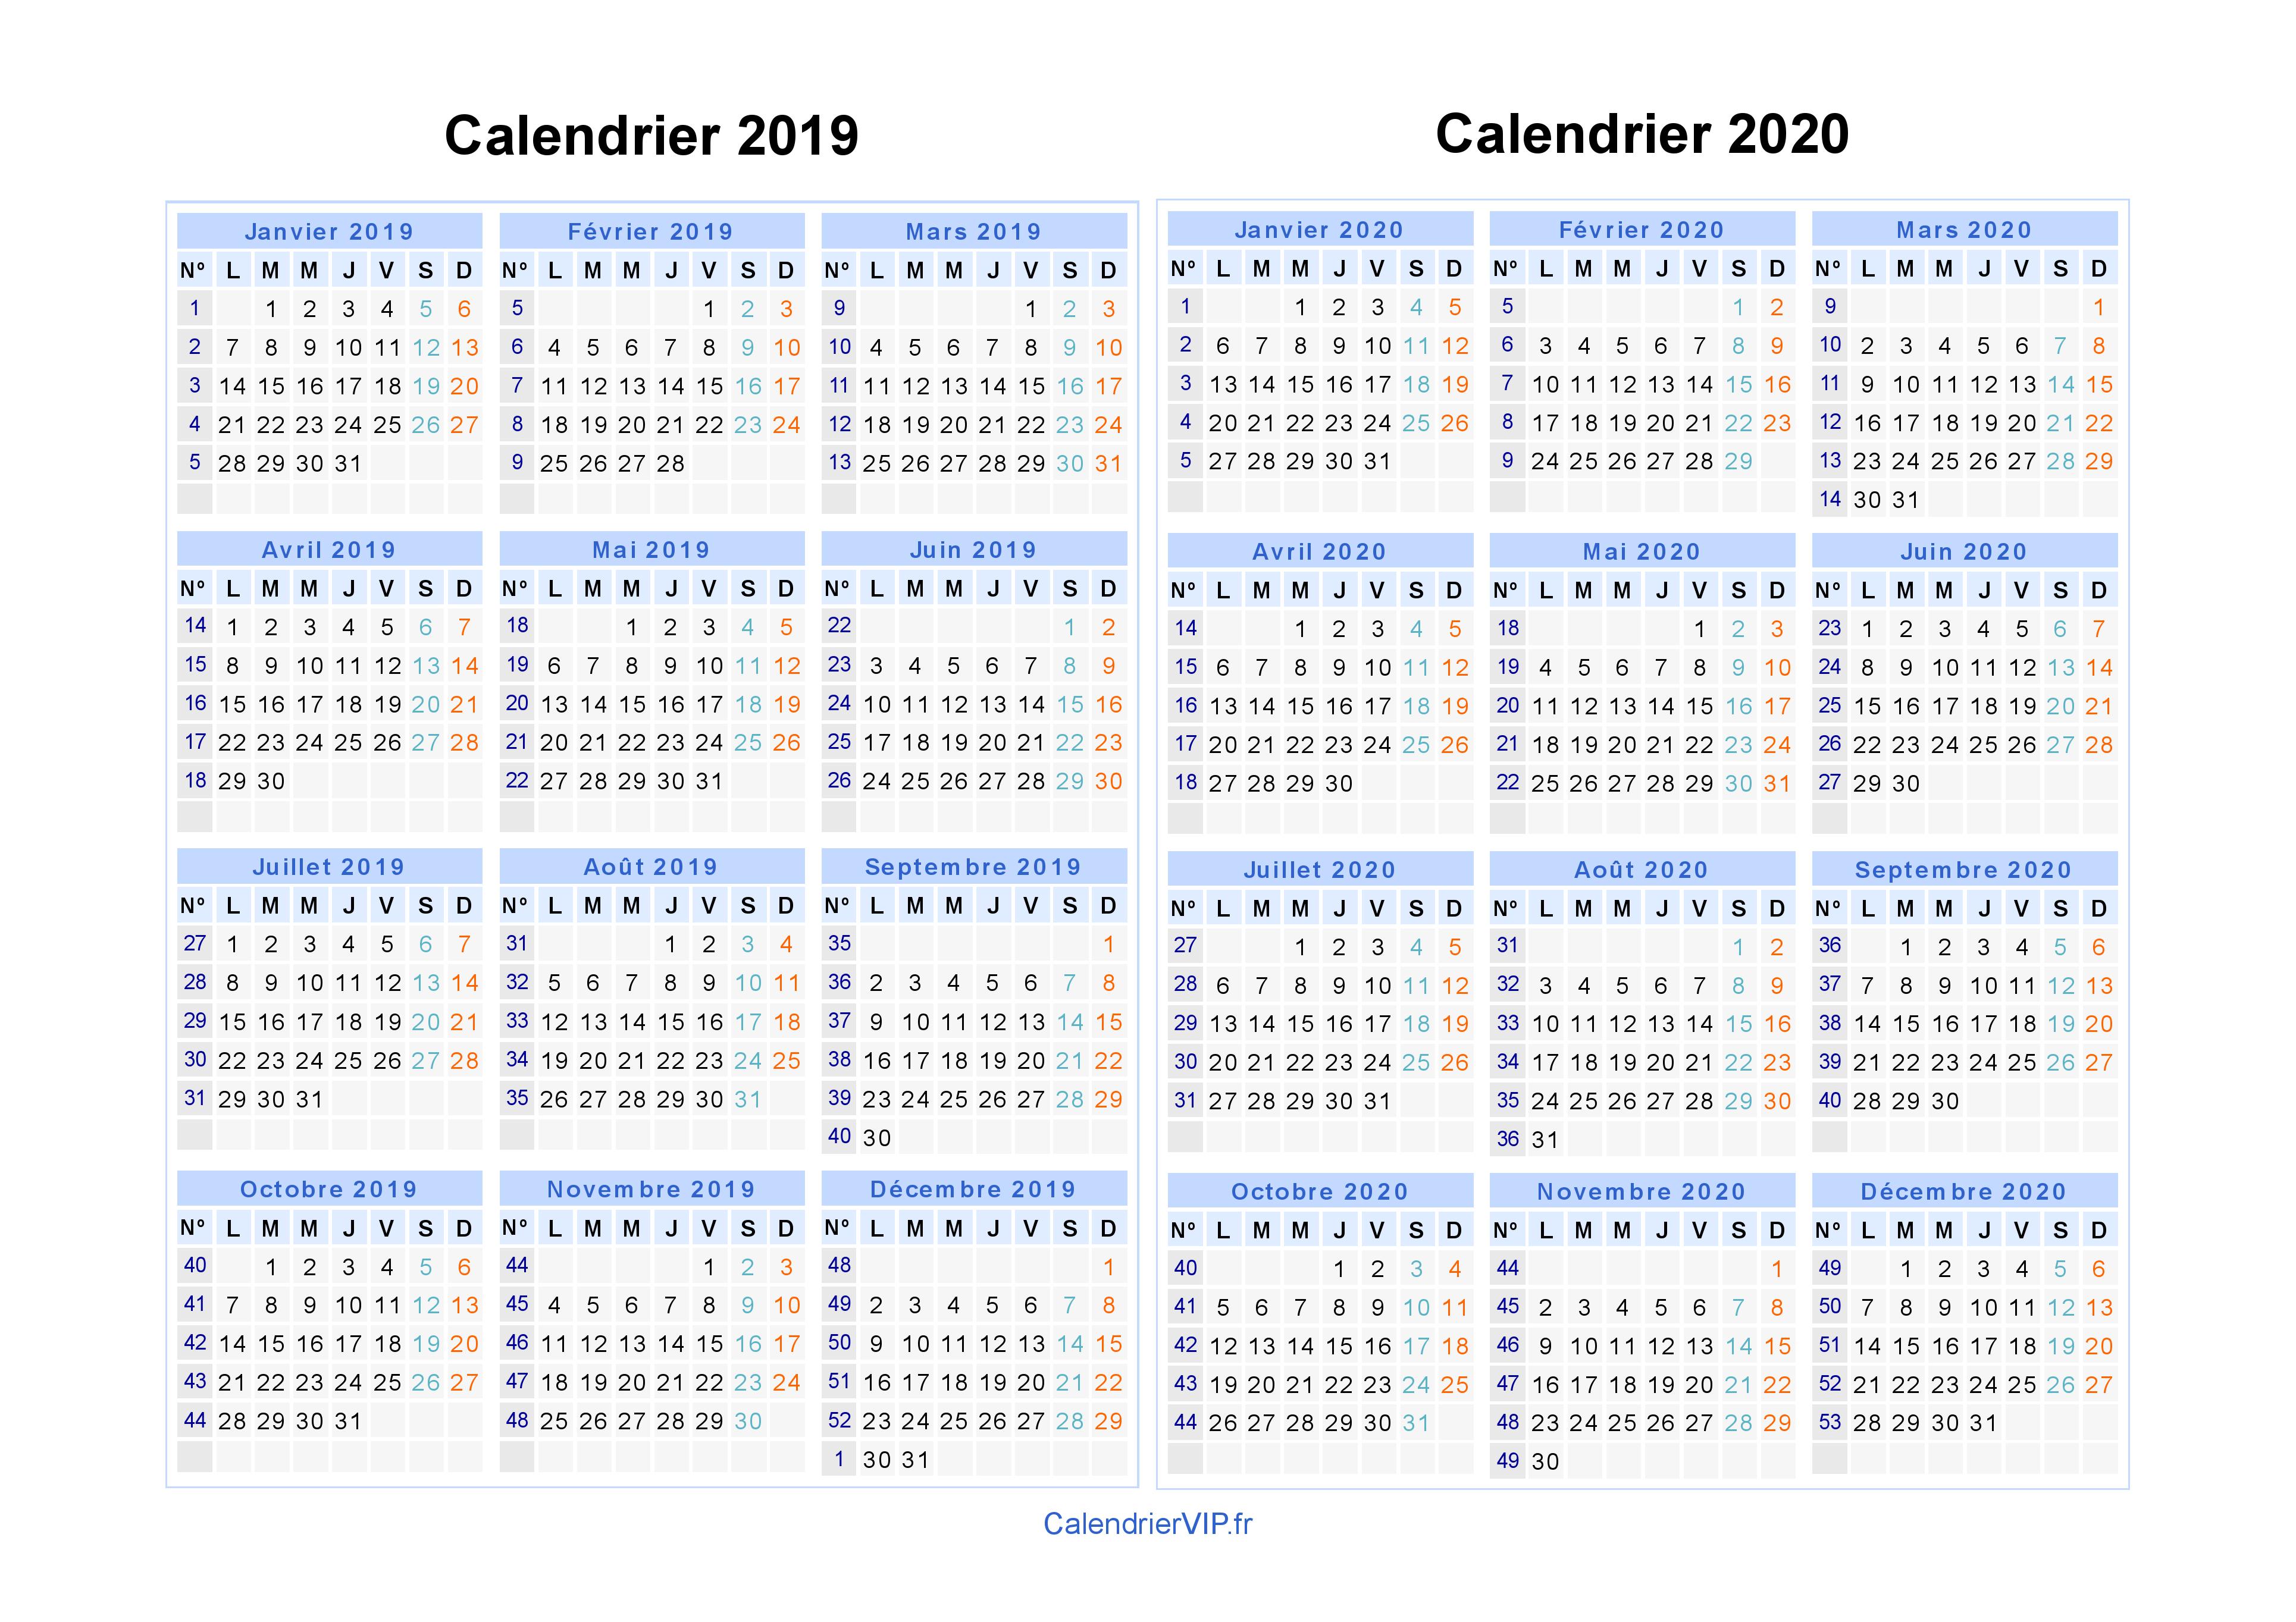 Calendrier Juillet 2020 A Imprimer Gratuit.Calendrier 2019 2020 A Imprimer Gratuit En Pdf Et Excel